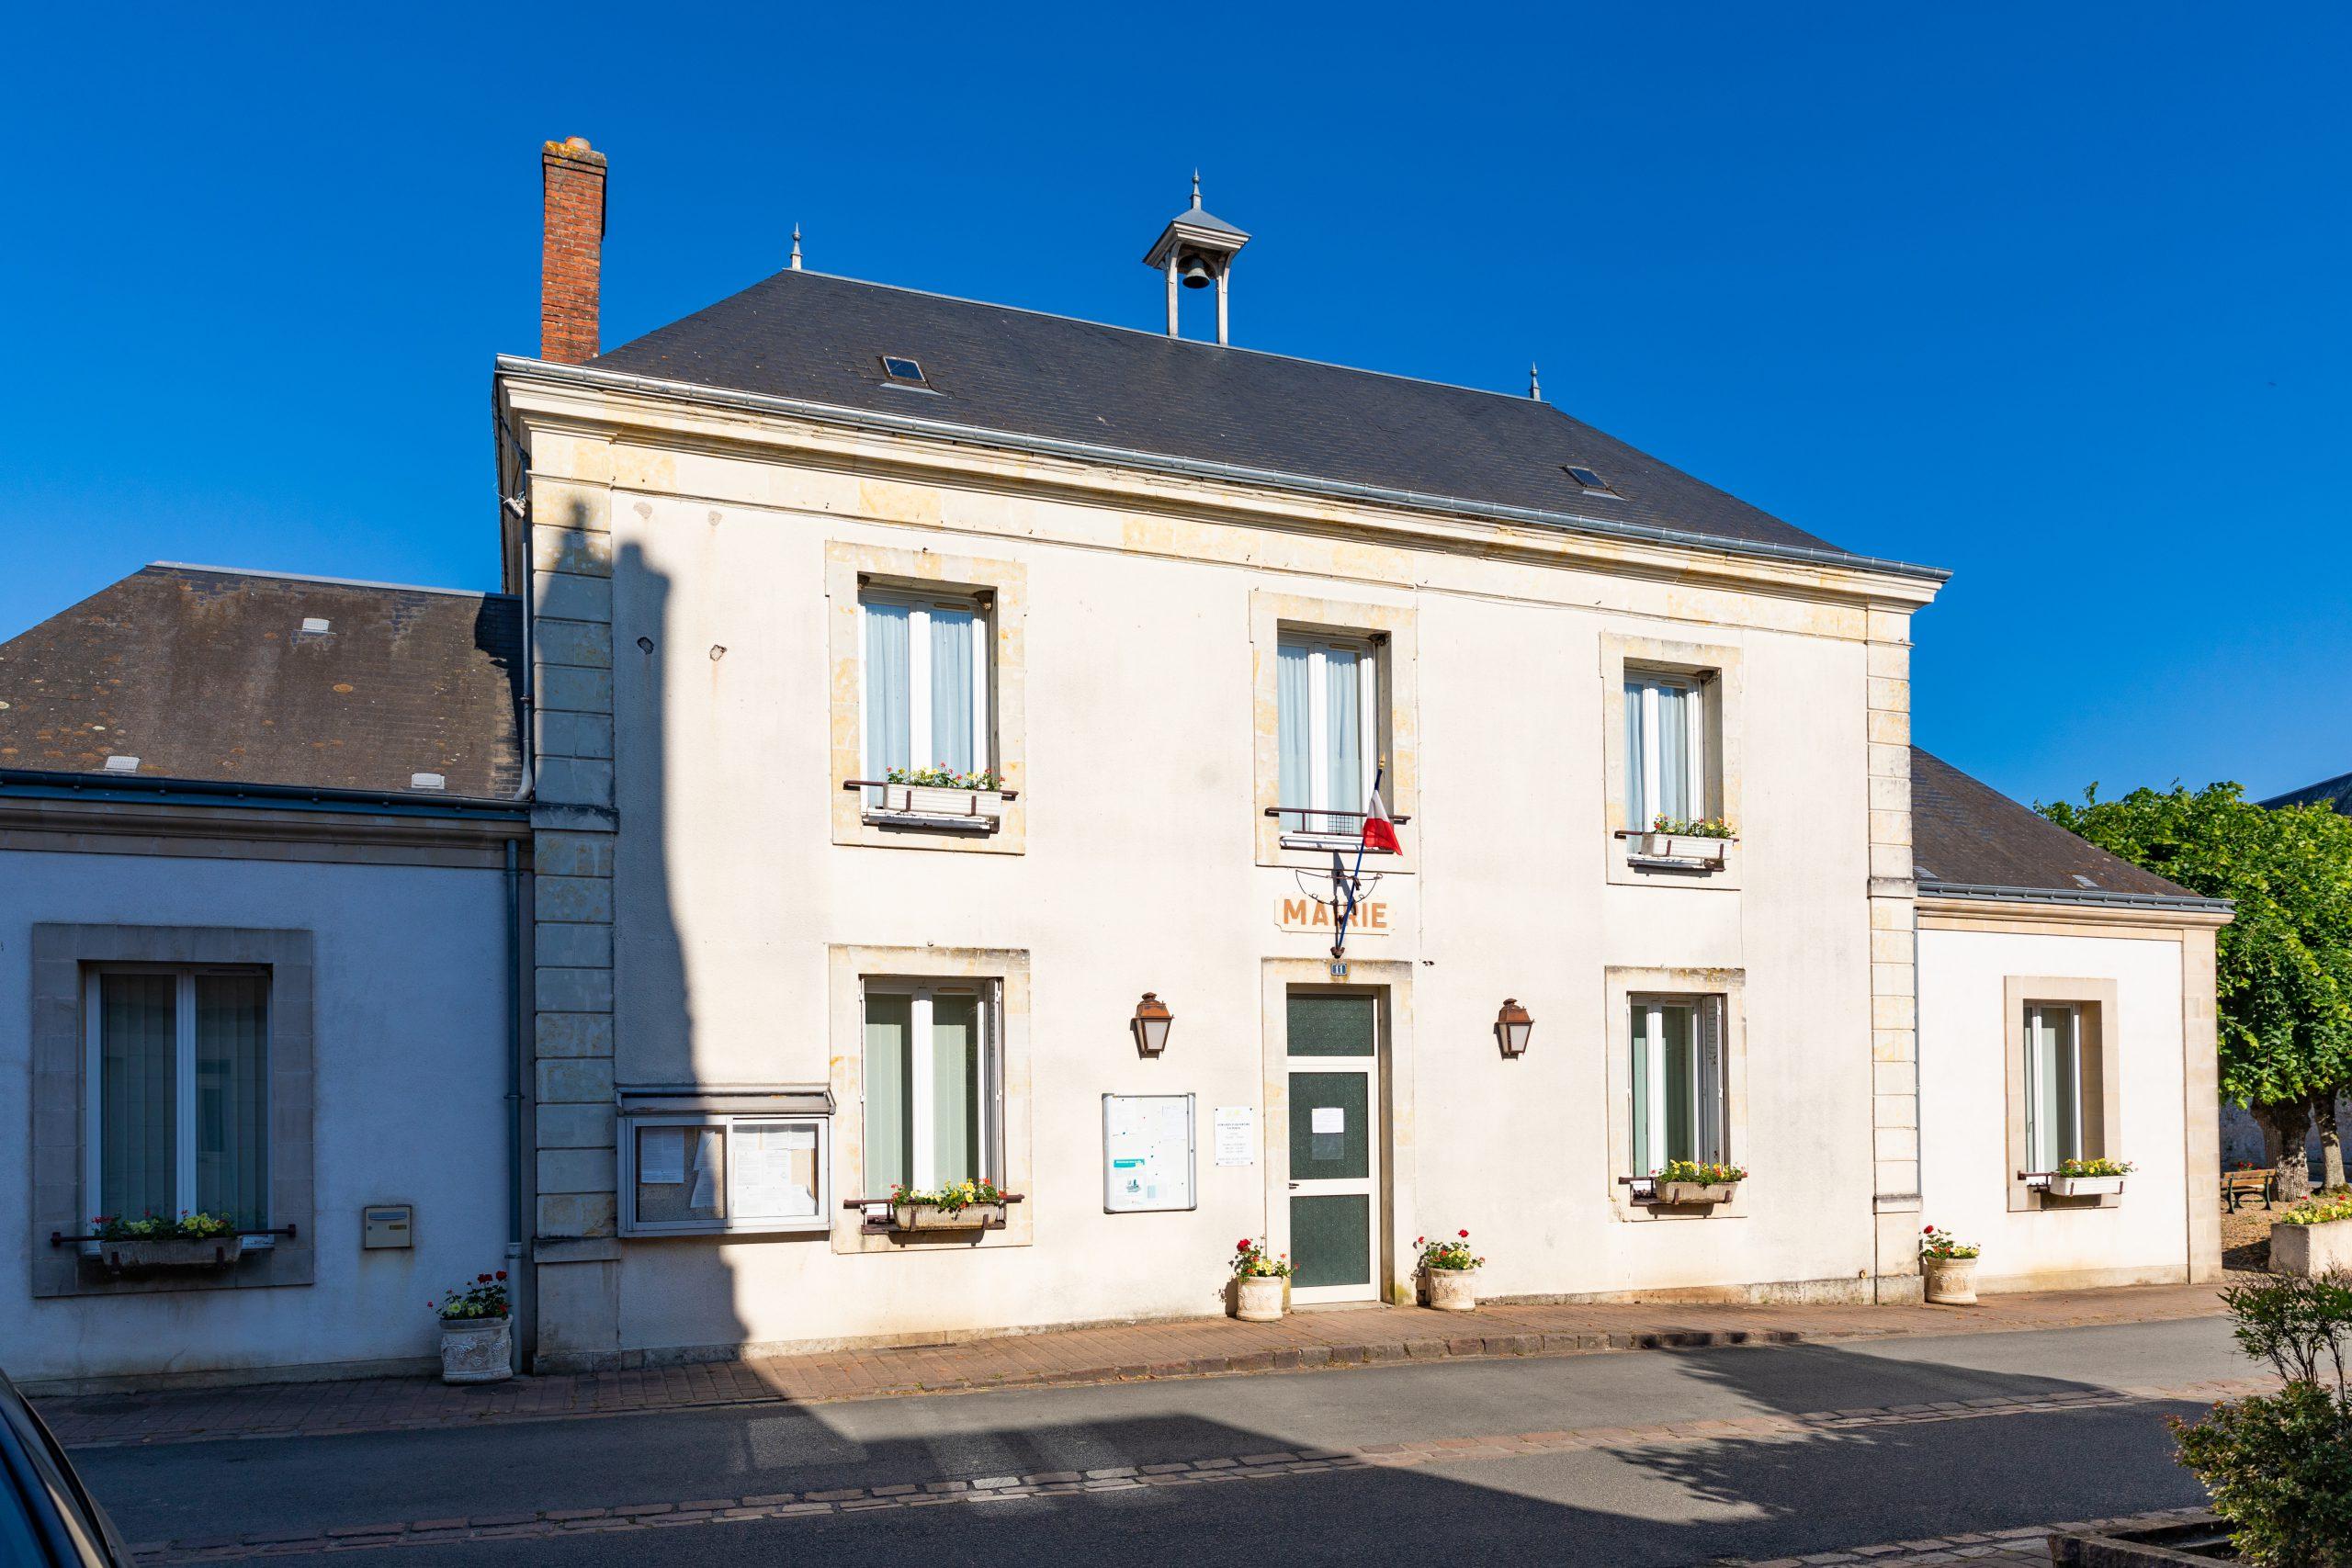 Mairie de Lhomme